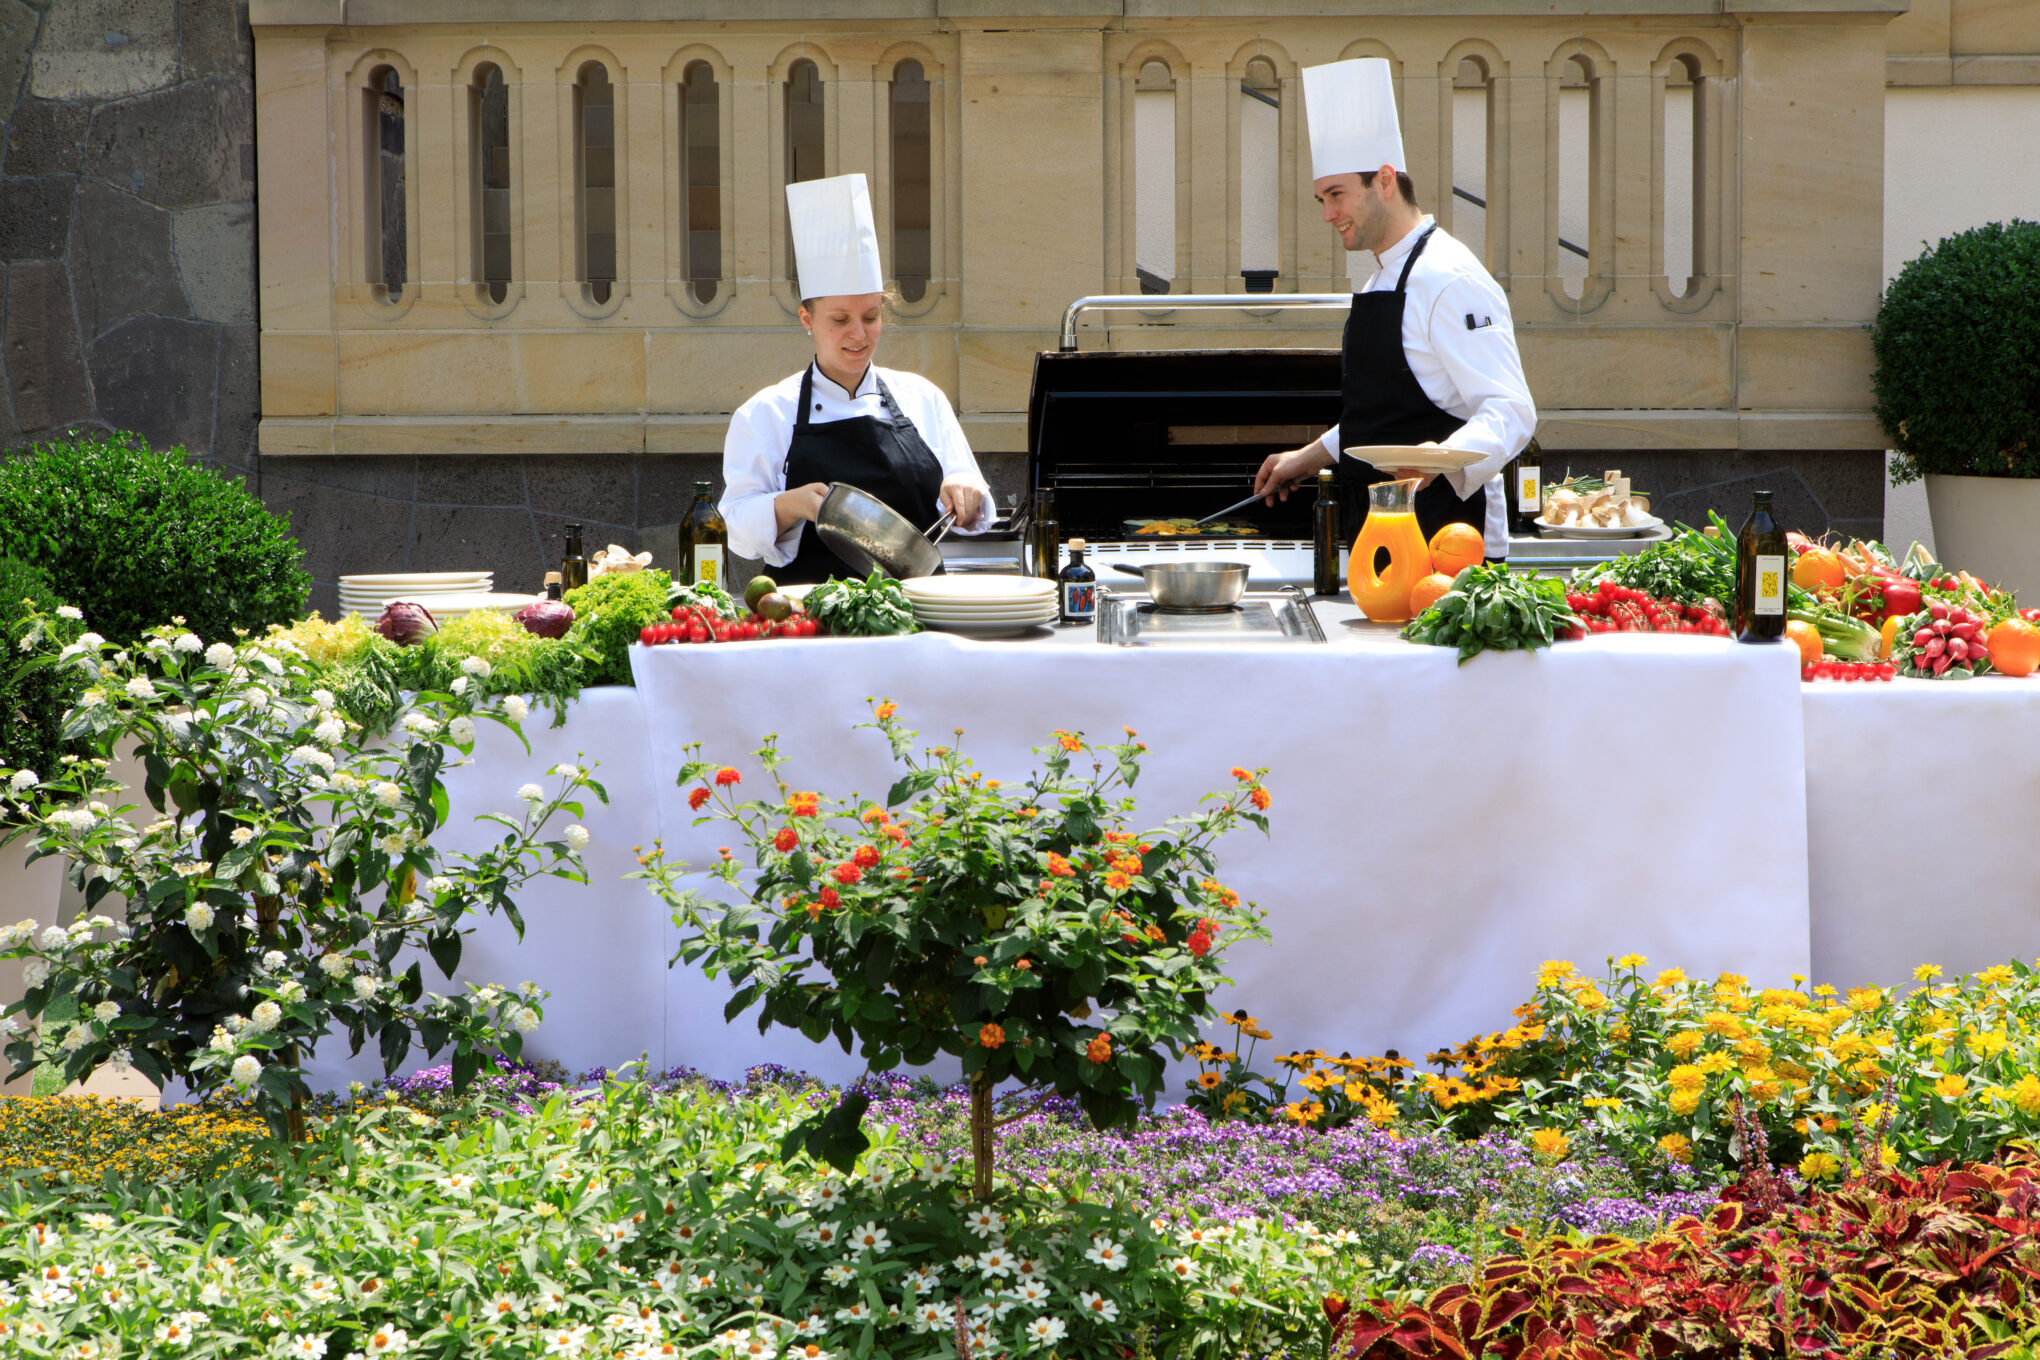 Villa Kennedy Rocco Forte Frühstück Buffet auf der Außenterrasse